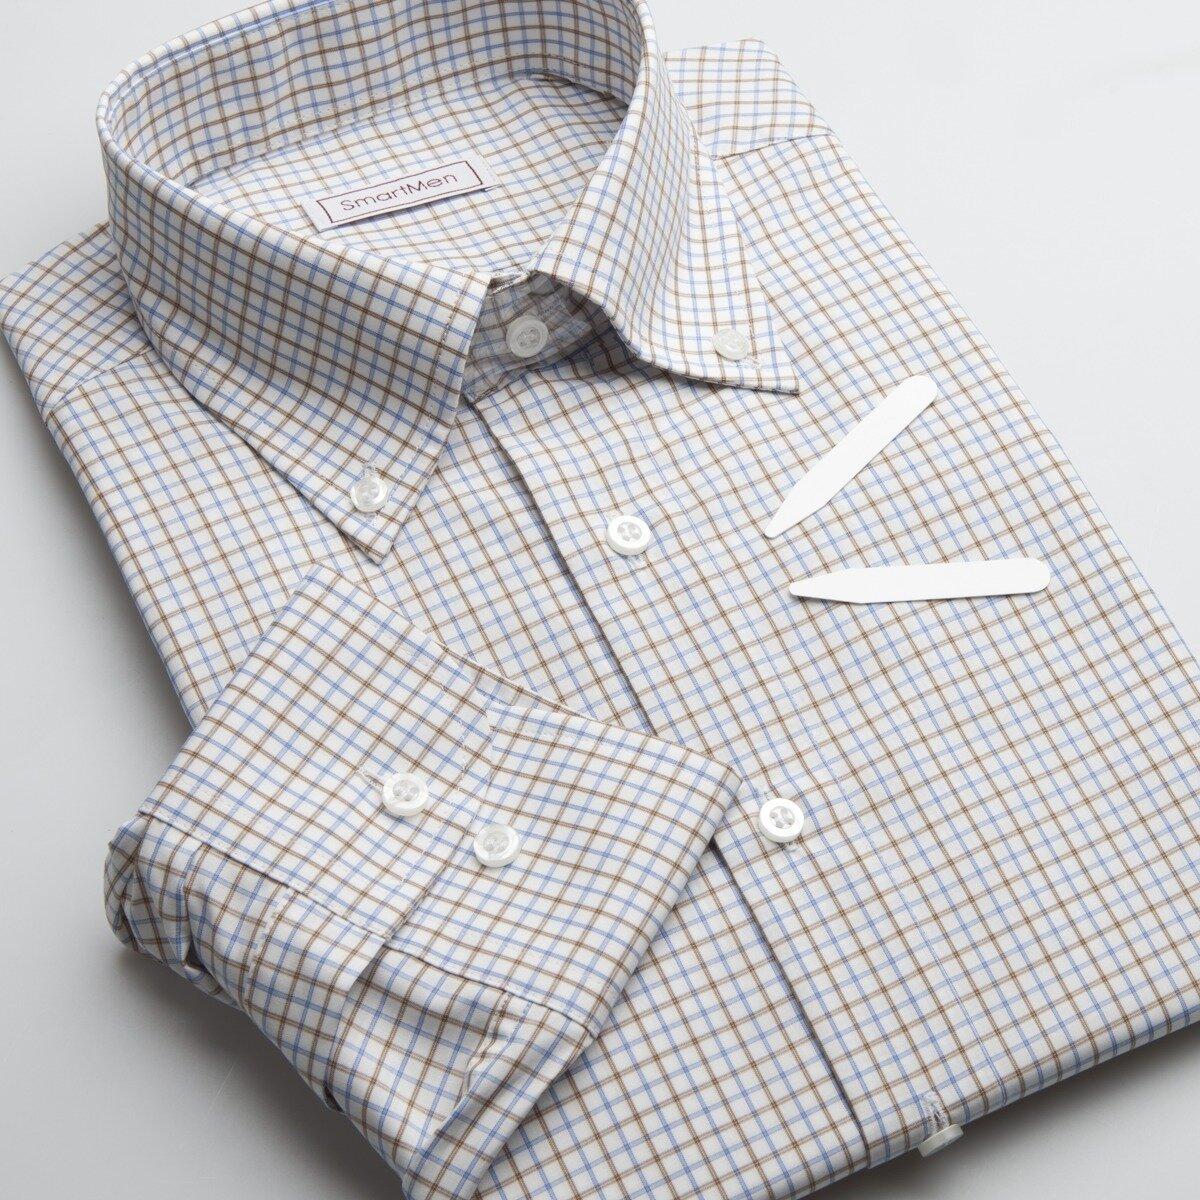 bd83c7efd506 Pánska hnedá košeľa károvaná - Button down Slim